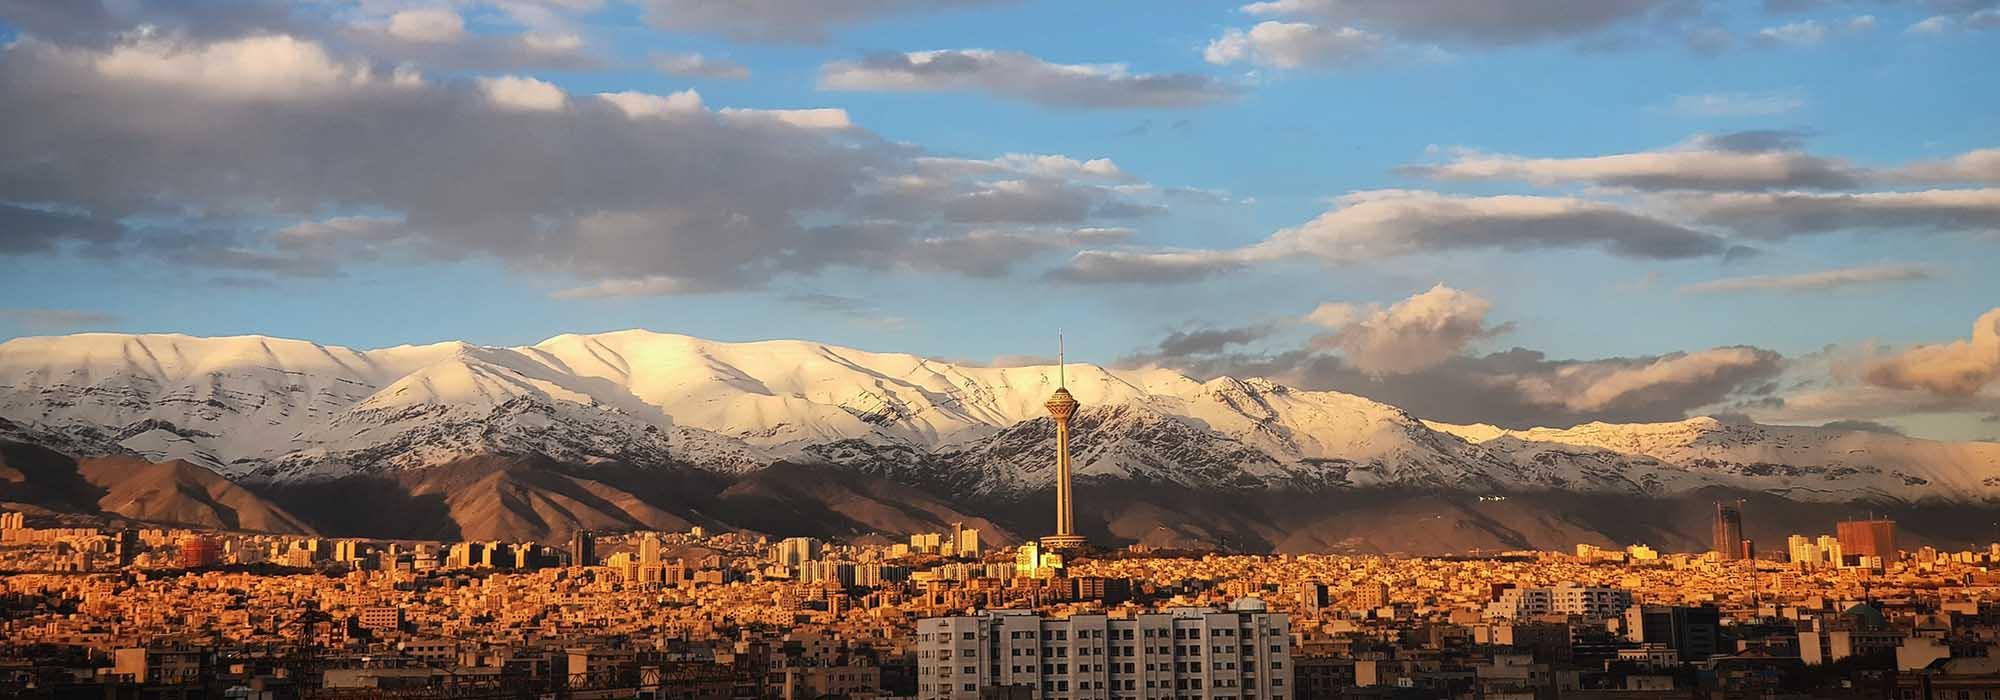 با جاذبه های توریستی تهران آشنا شویم